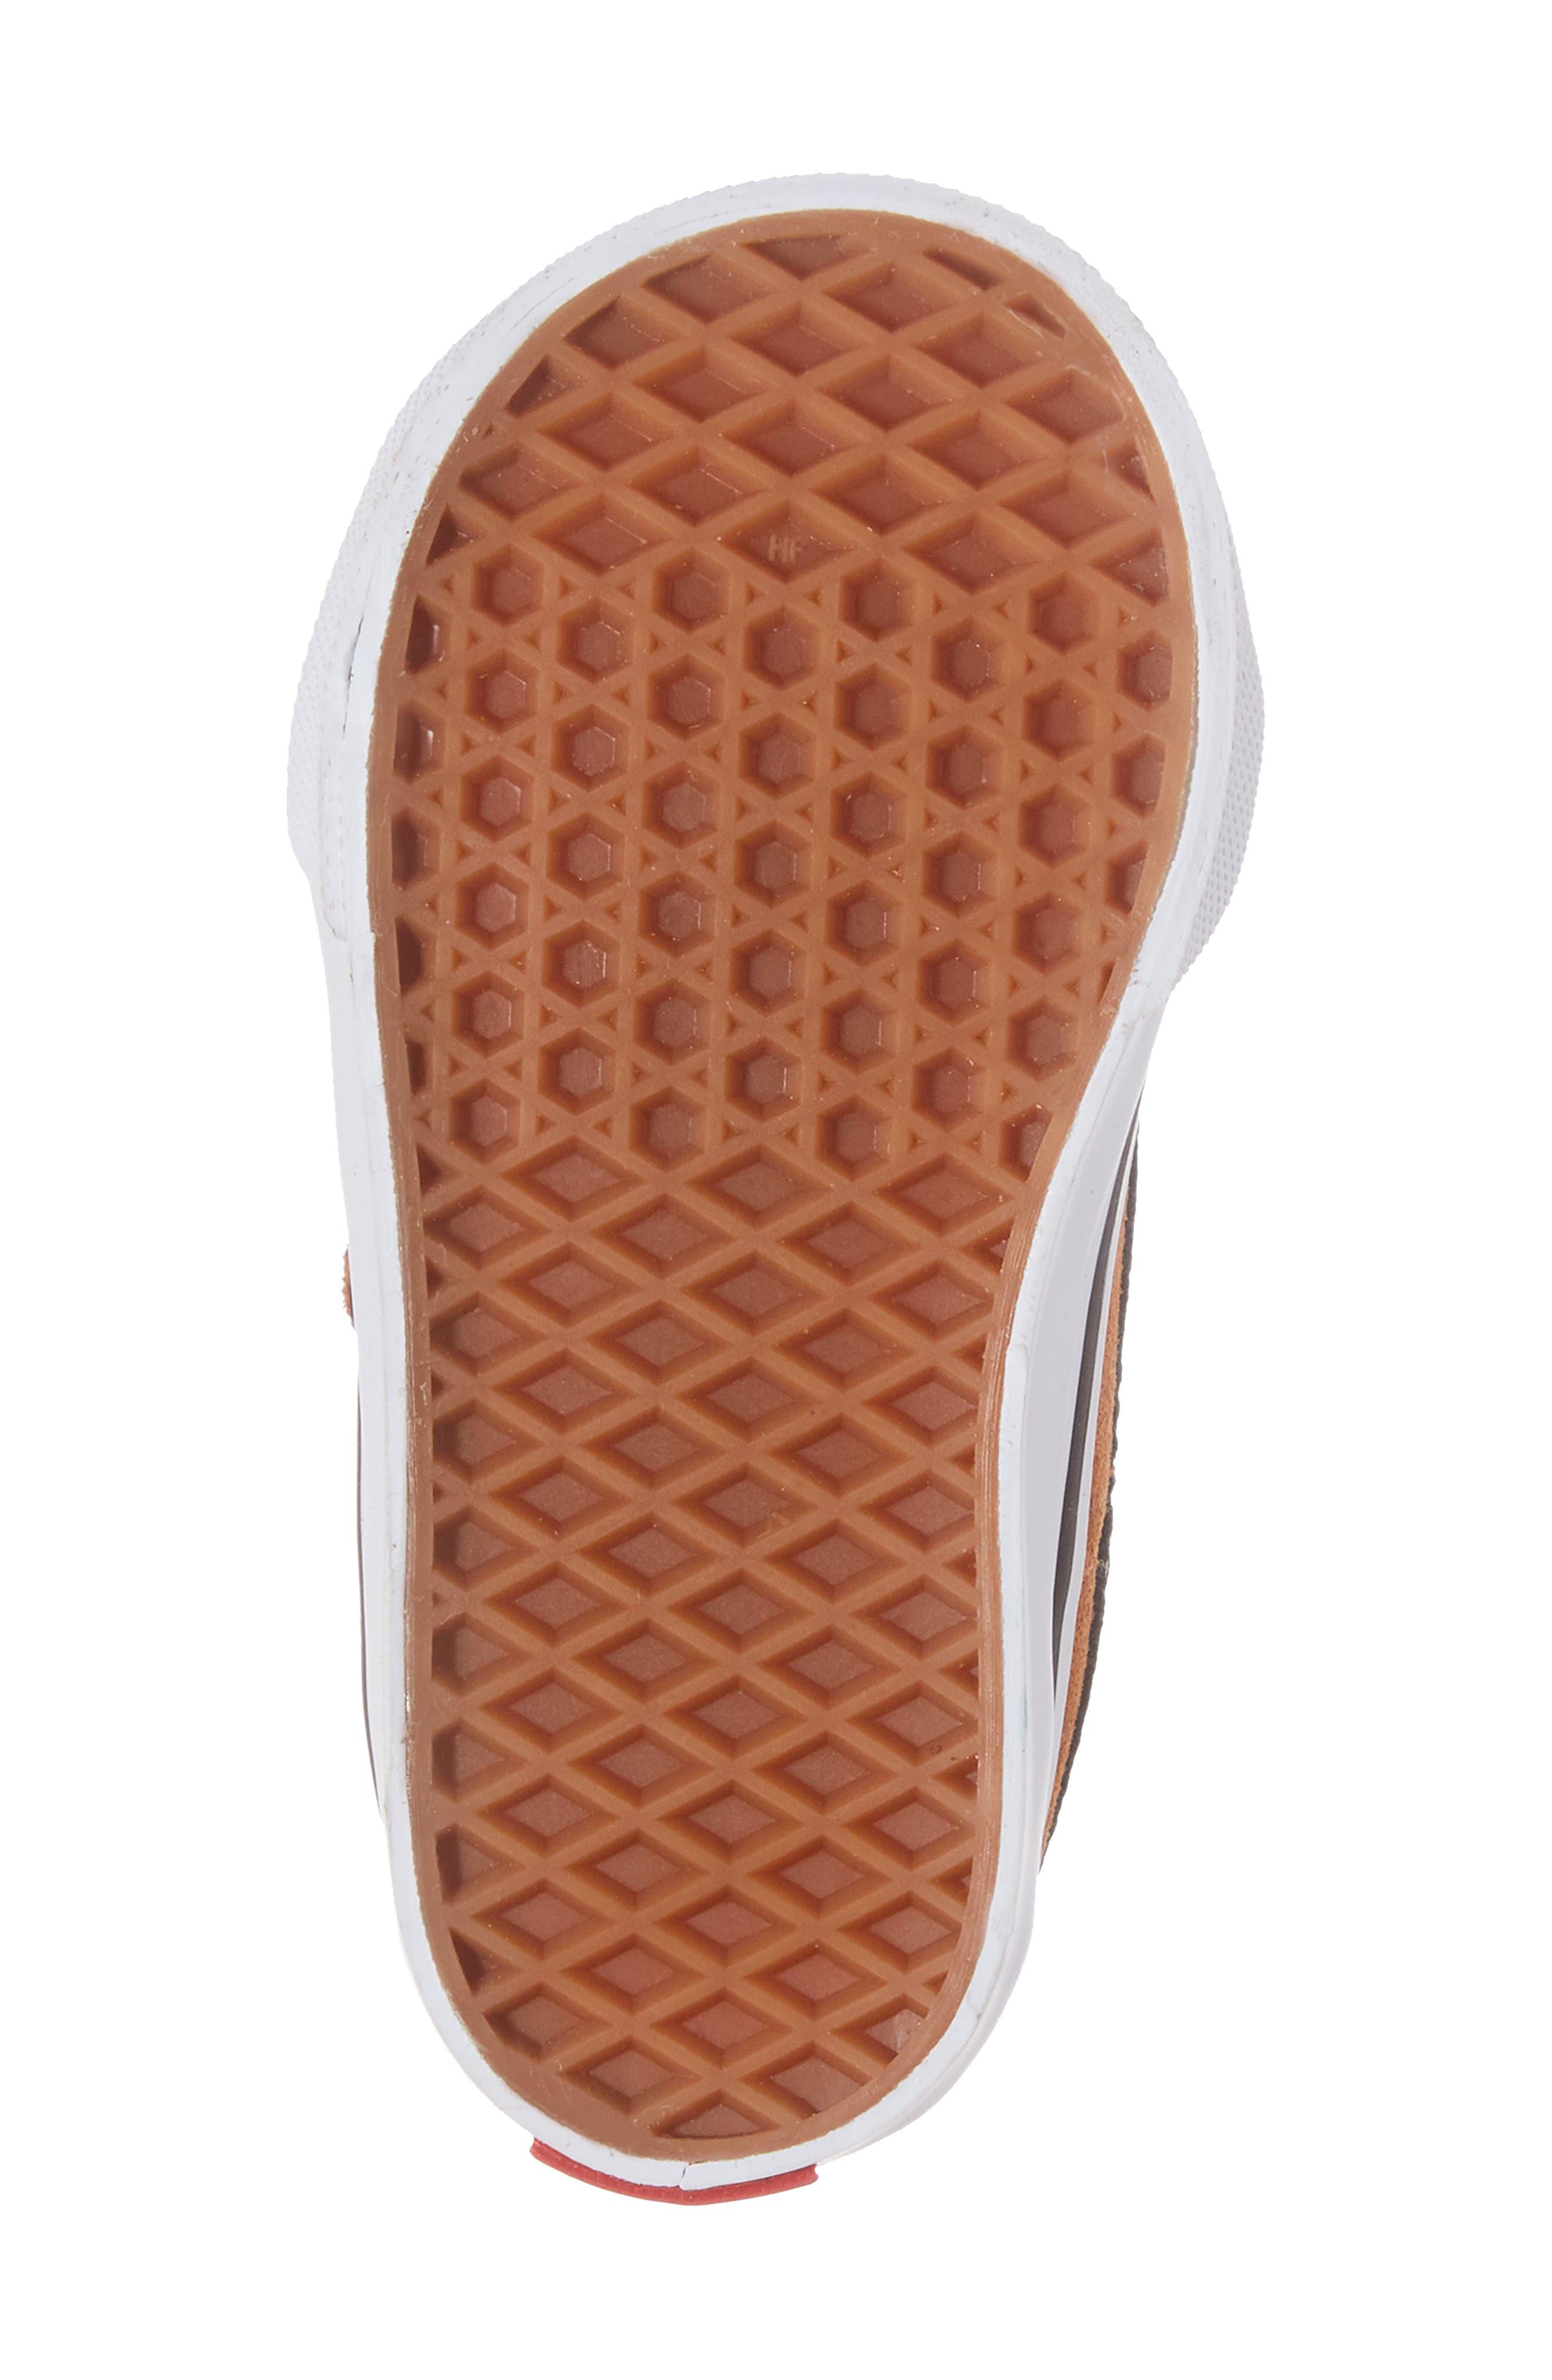 SK8-Mid Reissue Sneaker,                             Alternate thumbnail 6, color,                             Glazed Ginger/ Black